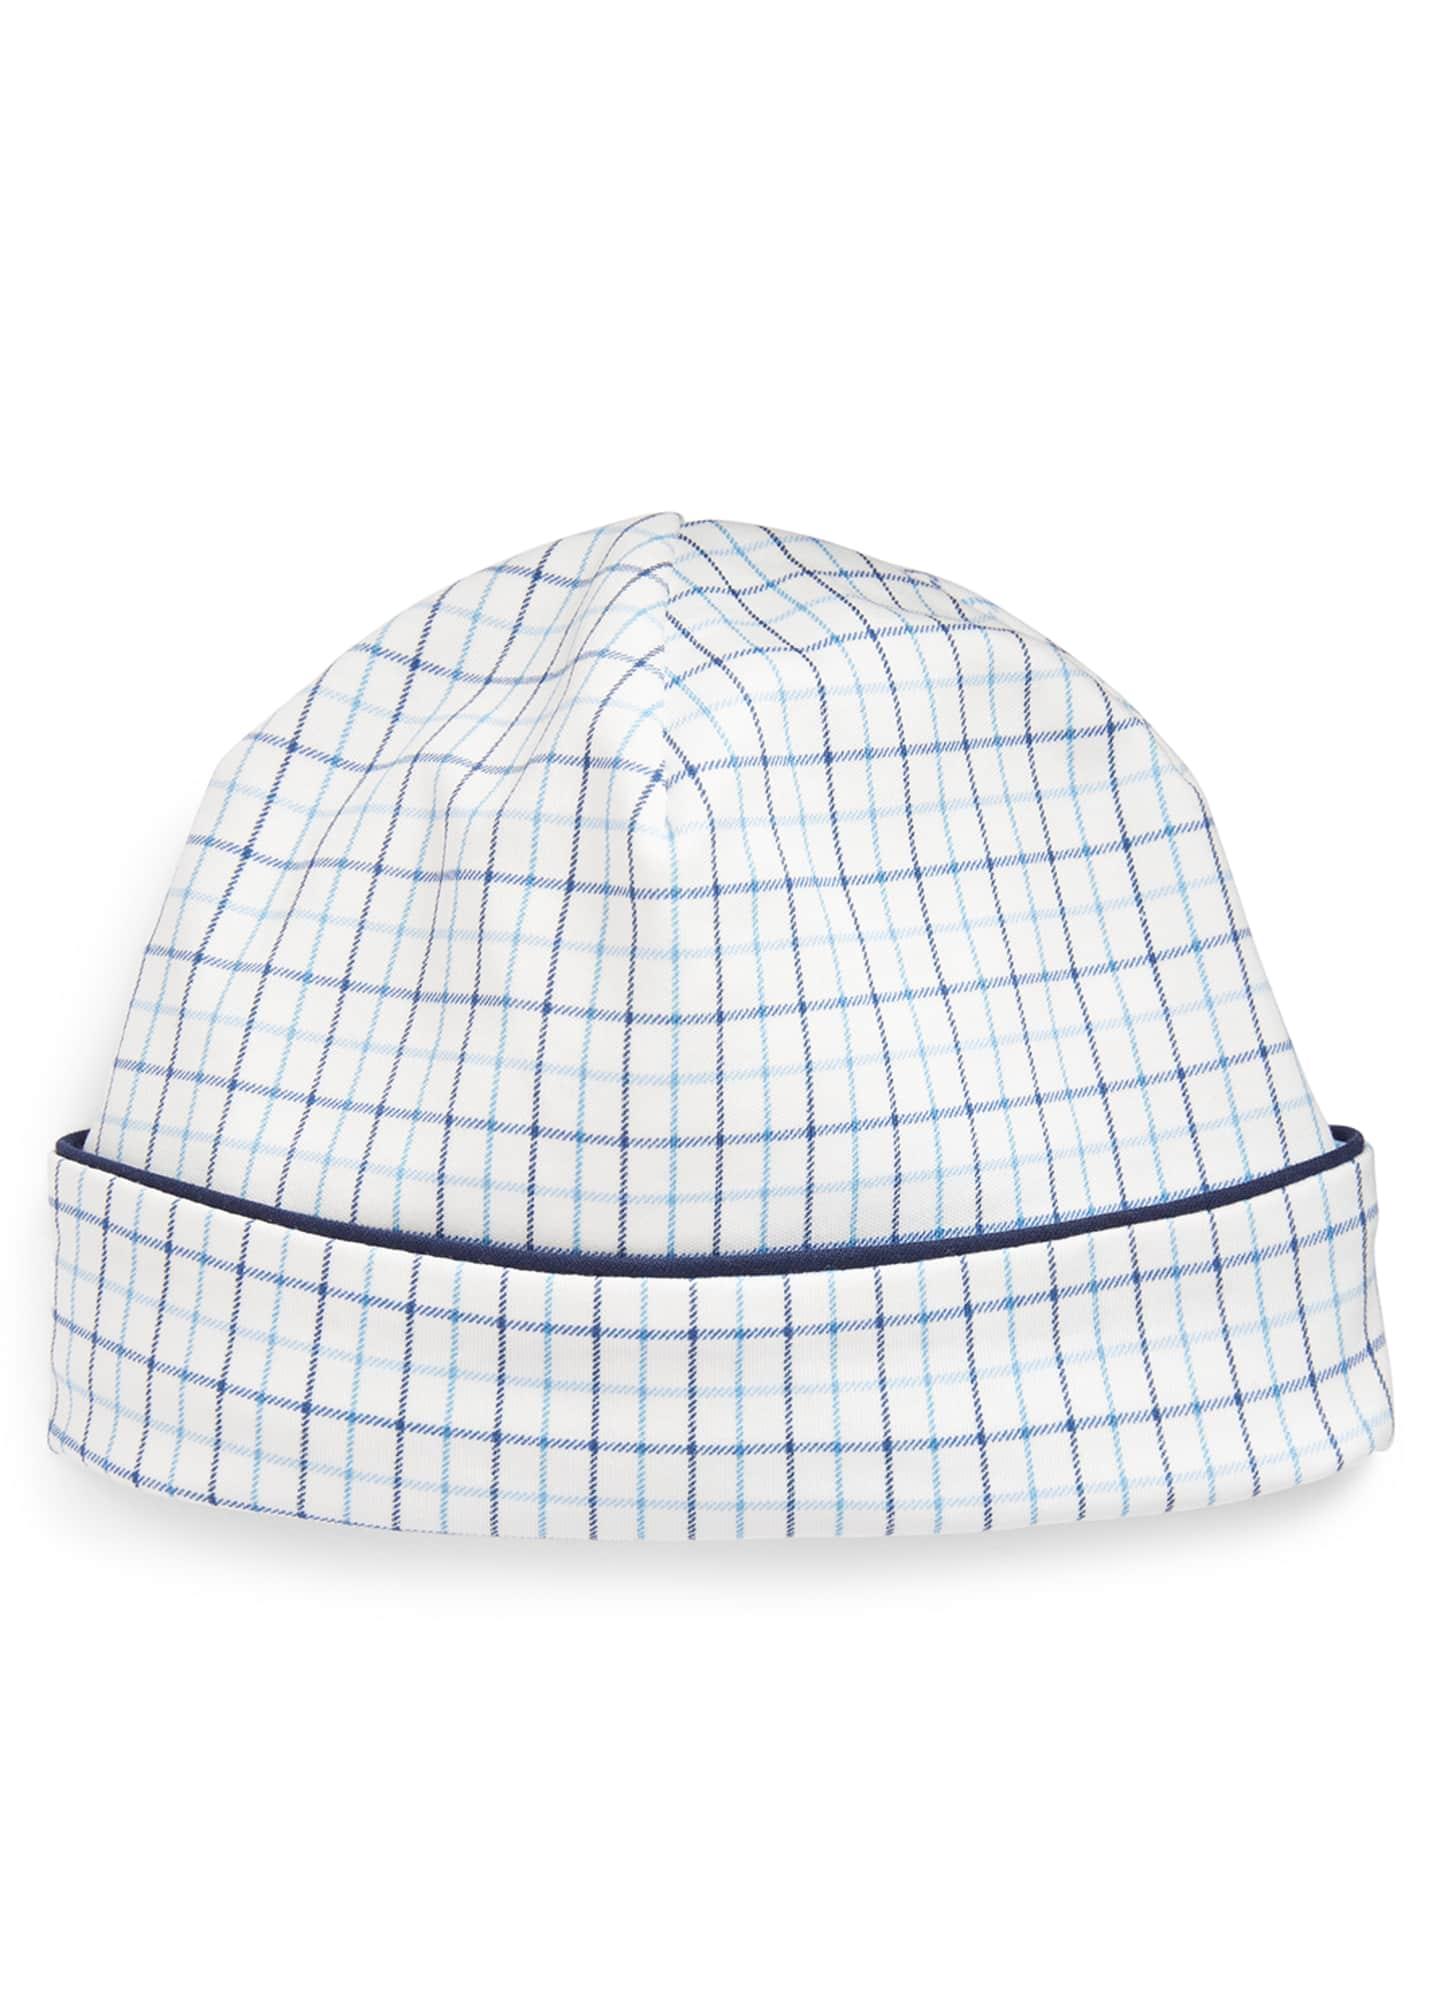 Ralph Lauren Childrenswear Cotton Interlock Plaid Baby Hat